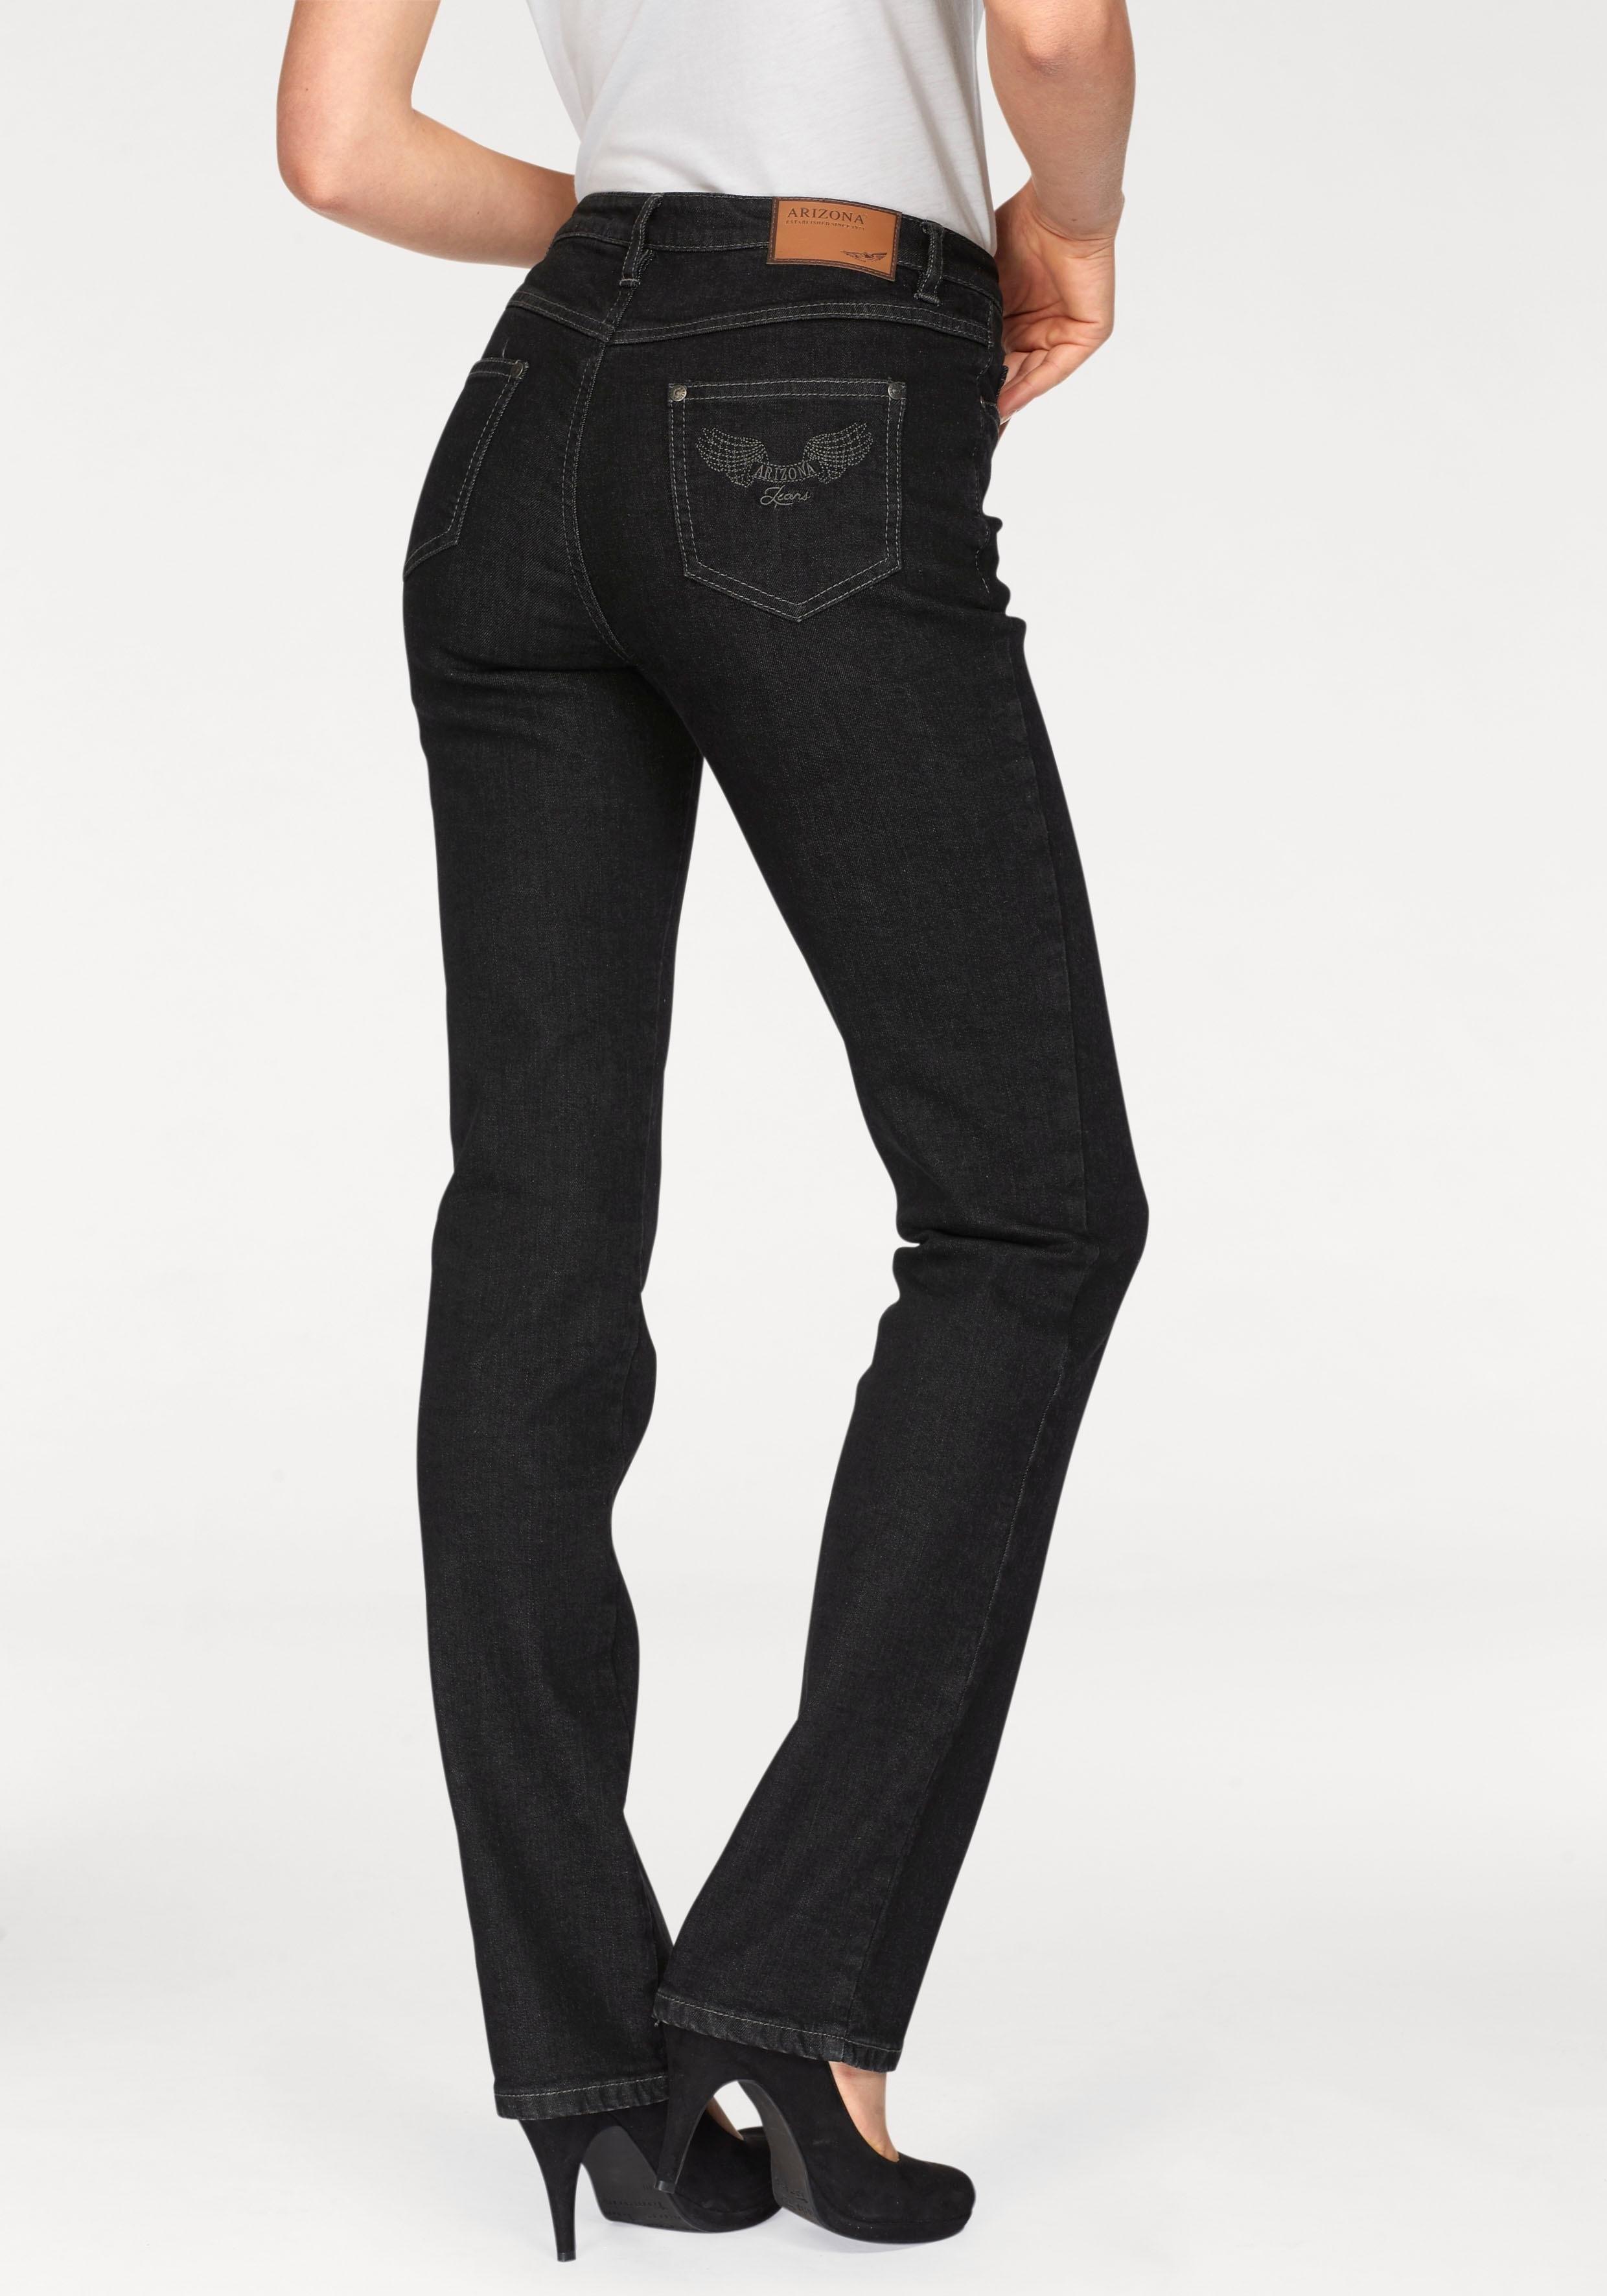 Arizona rechte jeans Comfort Fit High Waist online kopen op otto.nl